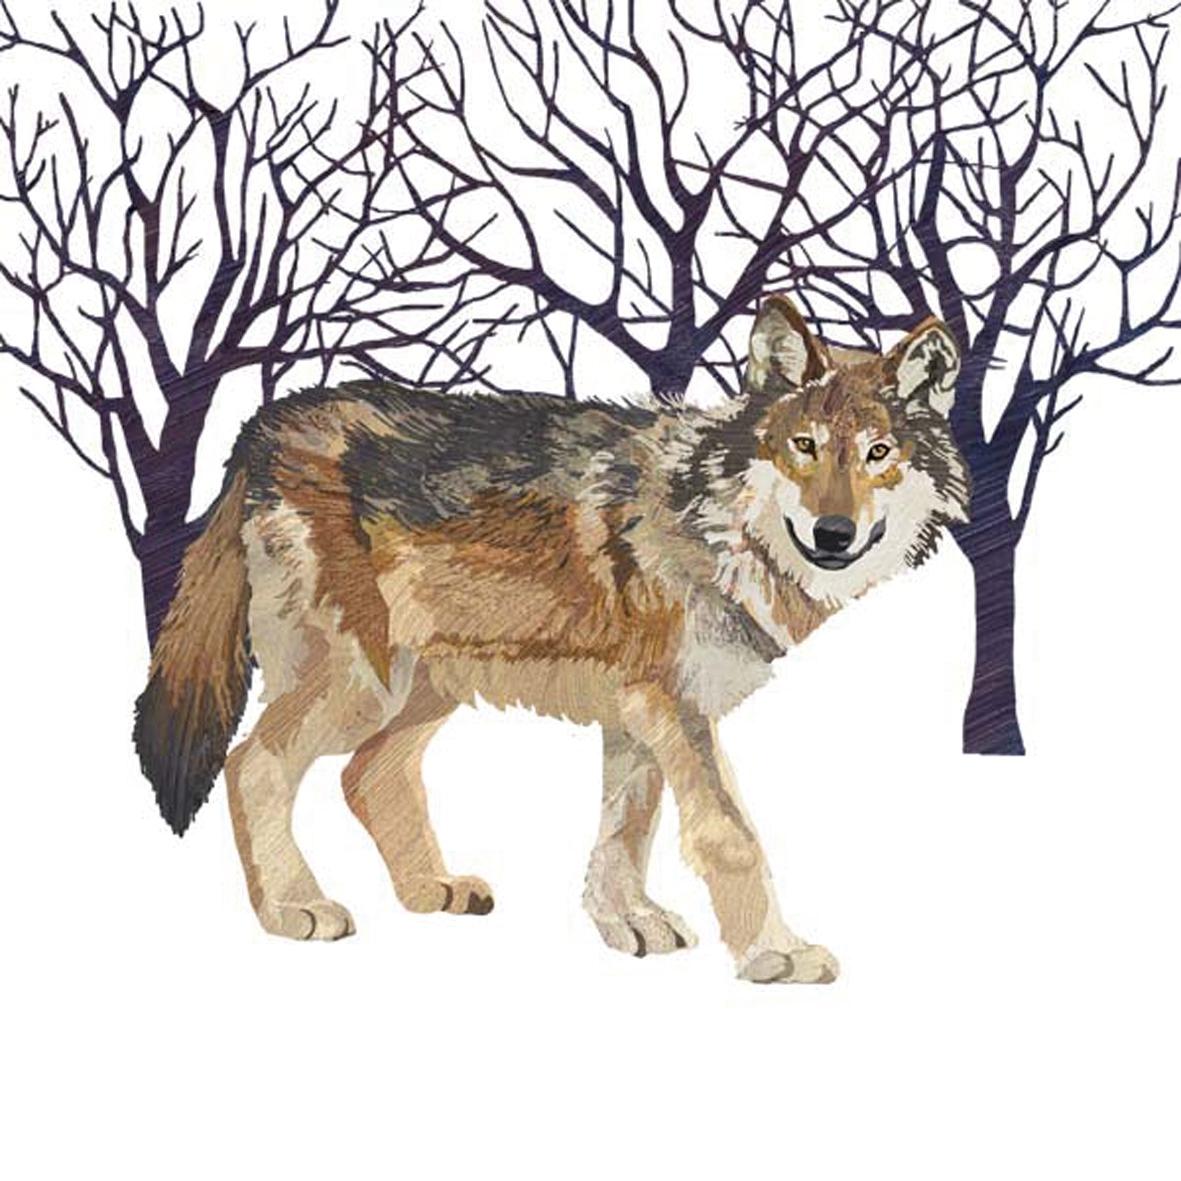 Servietten / Sonstige Tiere,  Tiere -  Sonstige,  Weihnachten,  cocktail servietten,  Wolf